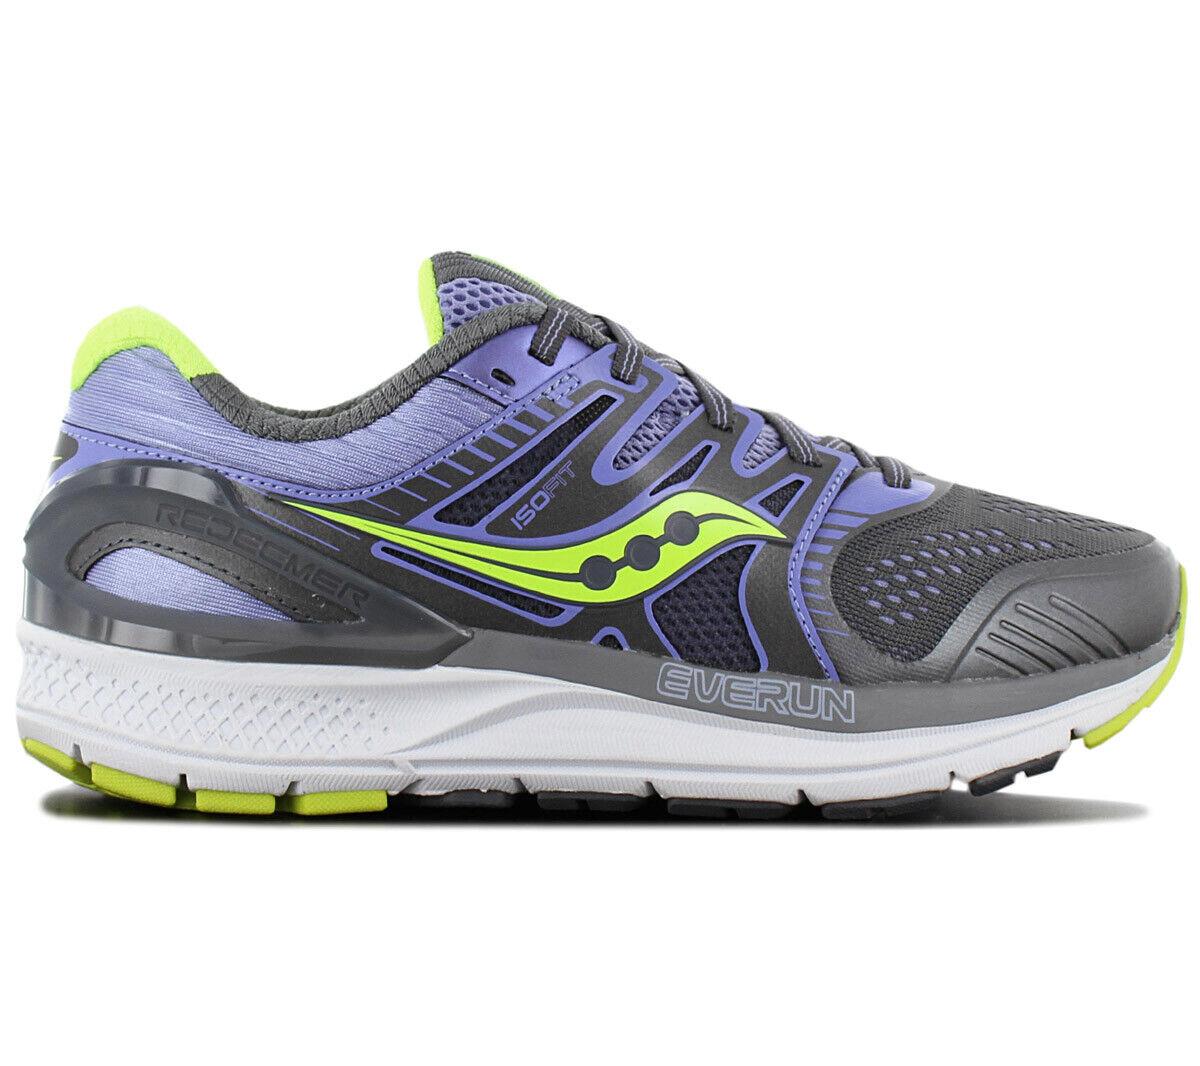 Saucony roteemer ISO 2 EVERUN Damen Laufschuhe S10381-3 Running Fitness Schuhe